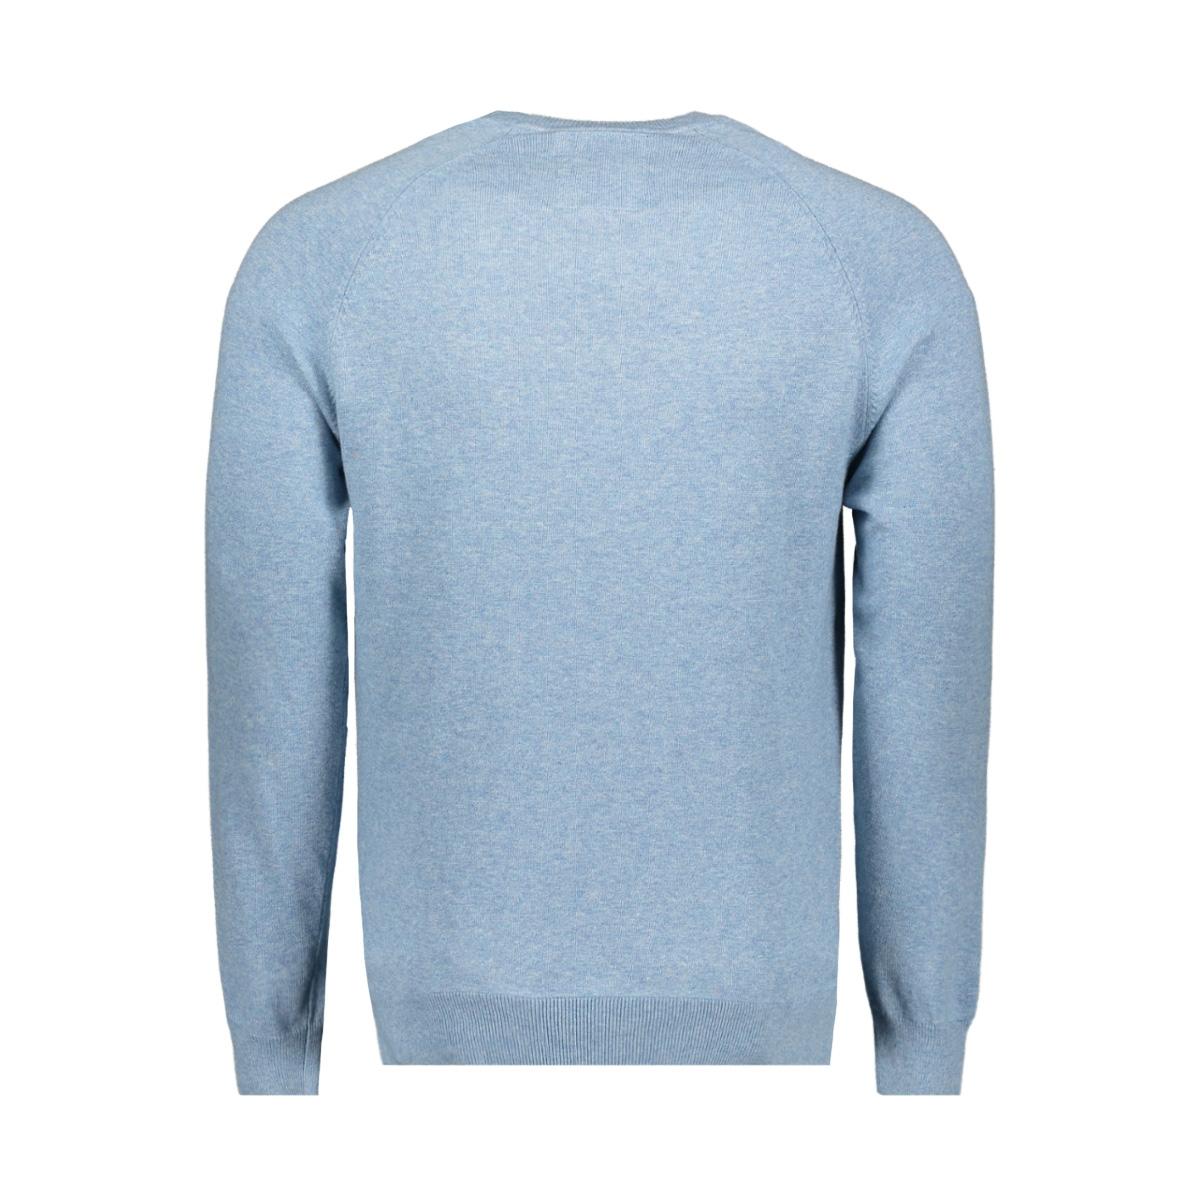 m61101gt cotton crew superdry trui parched blue grit